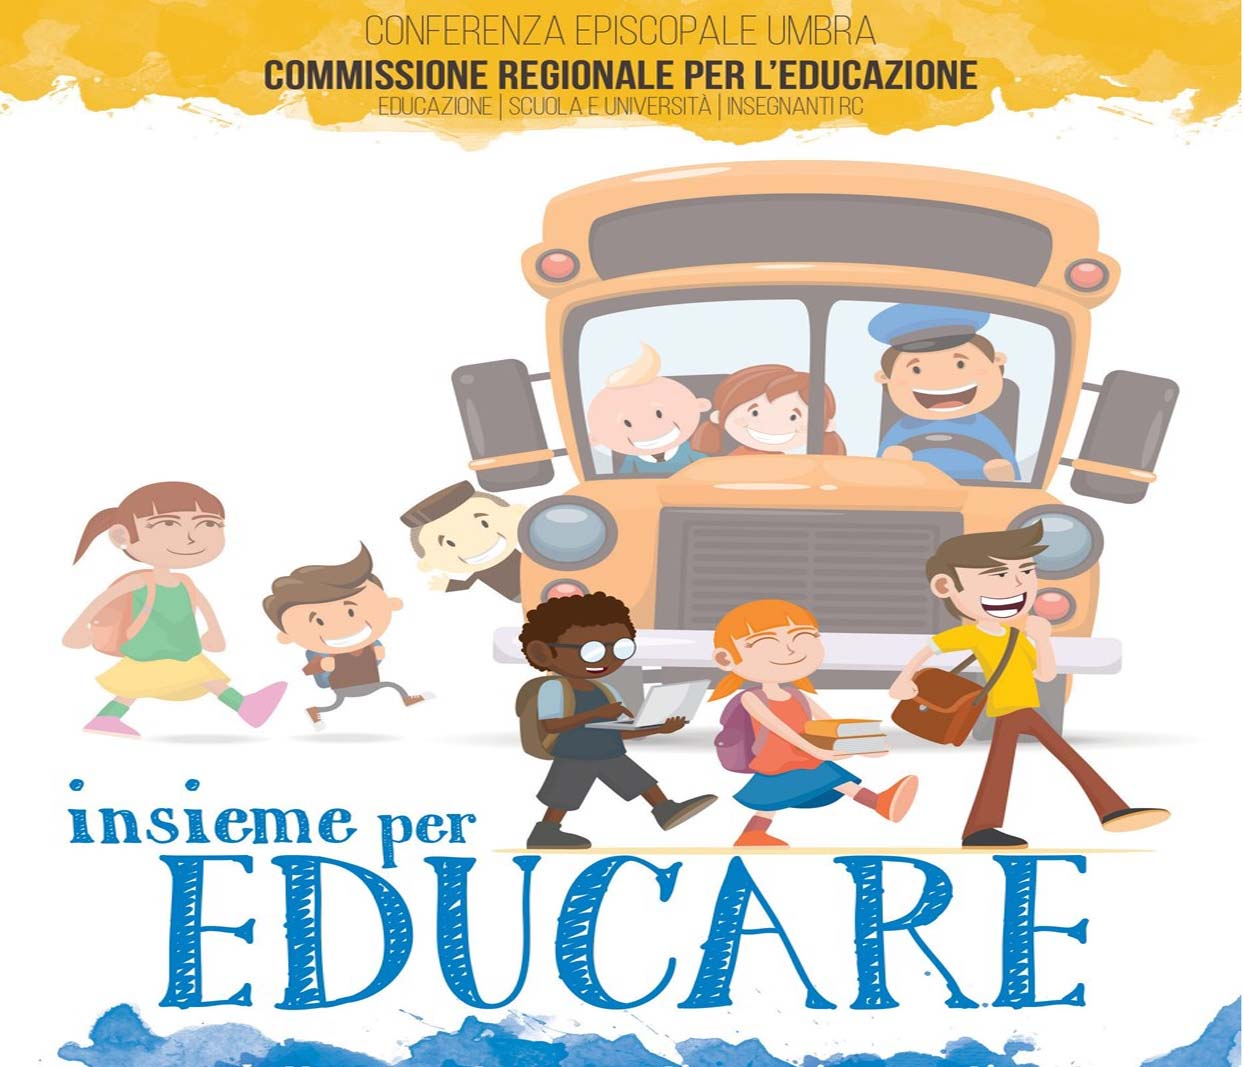 Inizio nuovo Anno scolastico – la lettera-messaggio augurale della  Commissione regionale per l'educazione, la scuola e l'università. «È  necessario uno spirito di dialogo, di comunione di collaborazione che deve  animare innanzitutto la